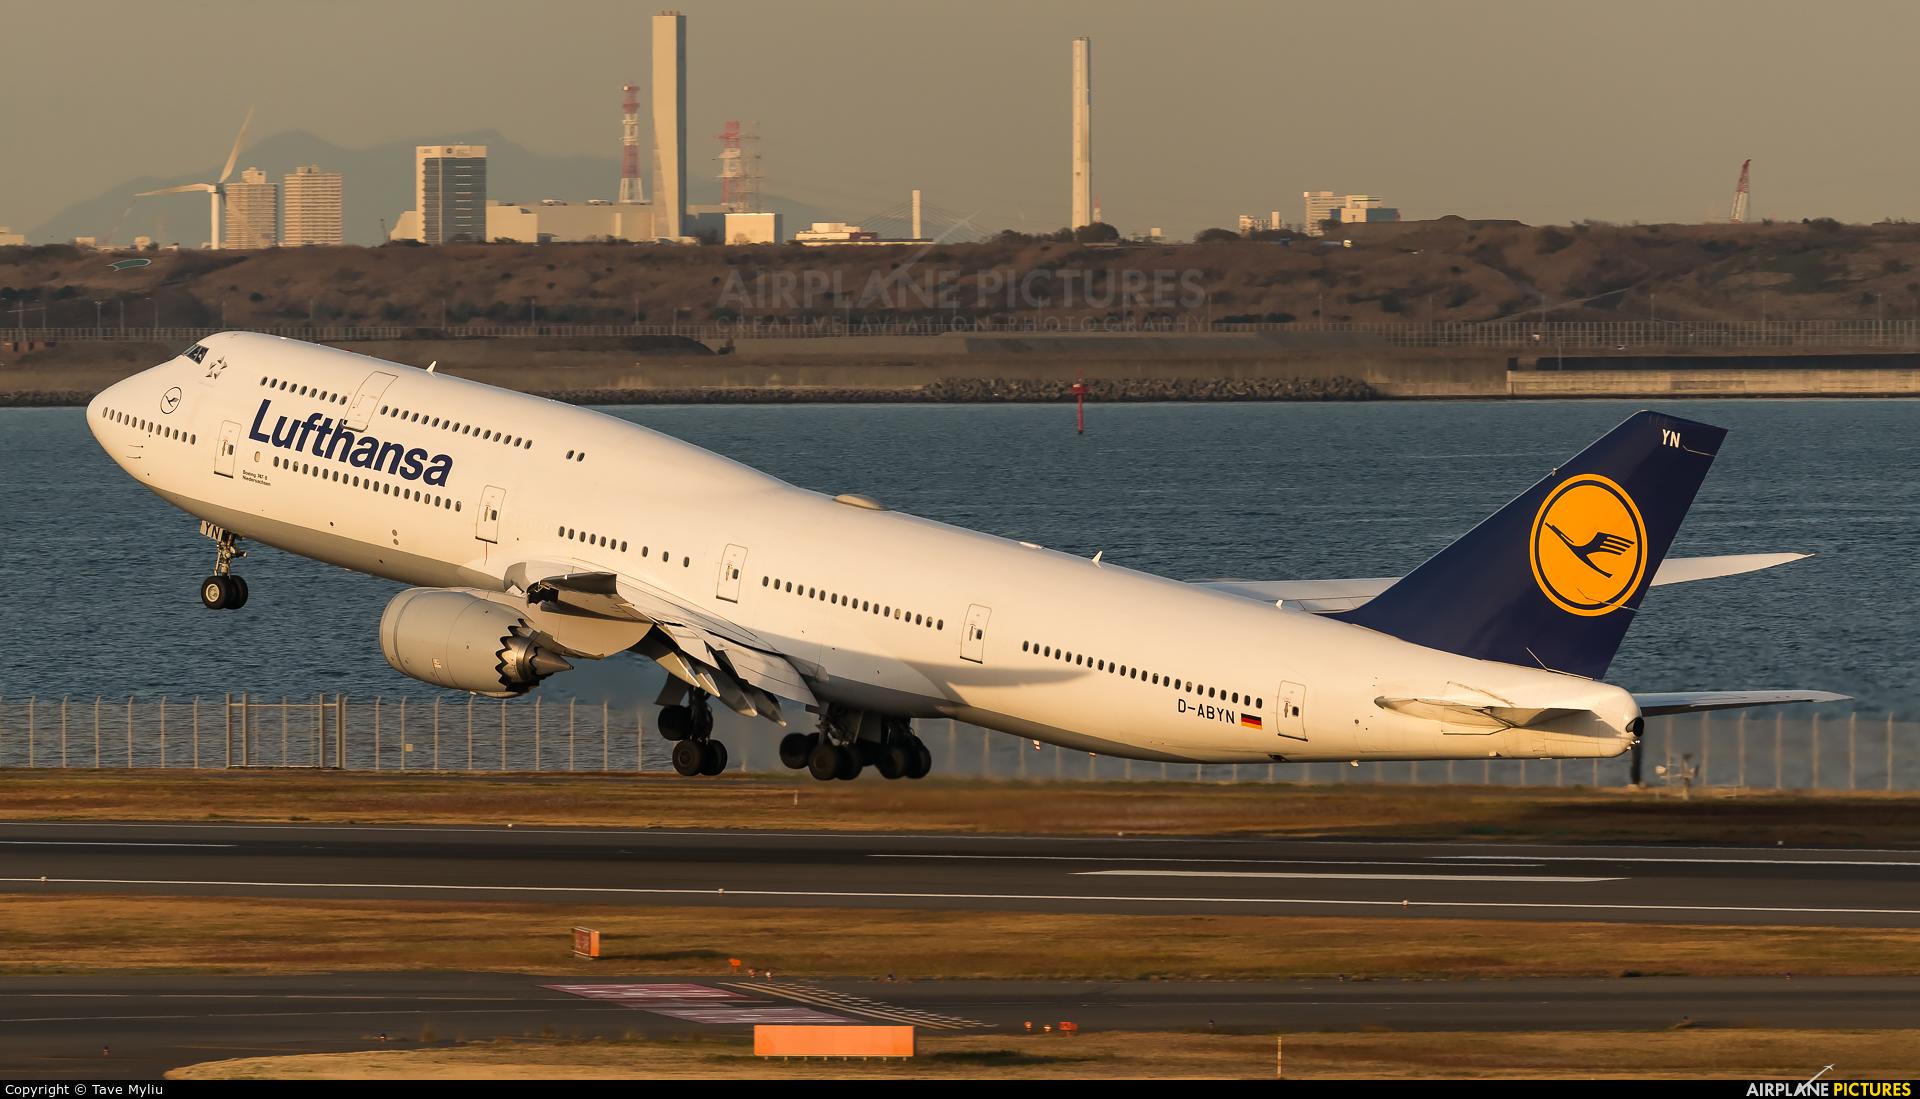 Lufthansa D-ABYN aircraft at Tokyo - Haneda Intl